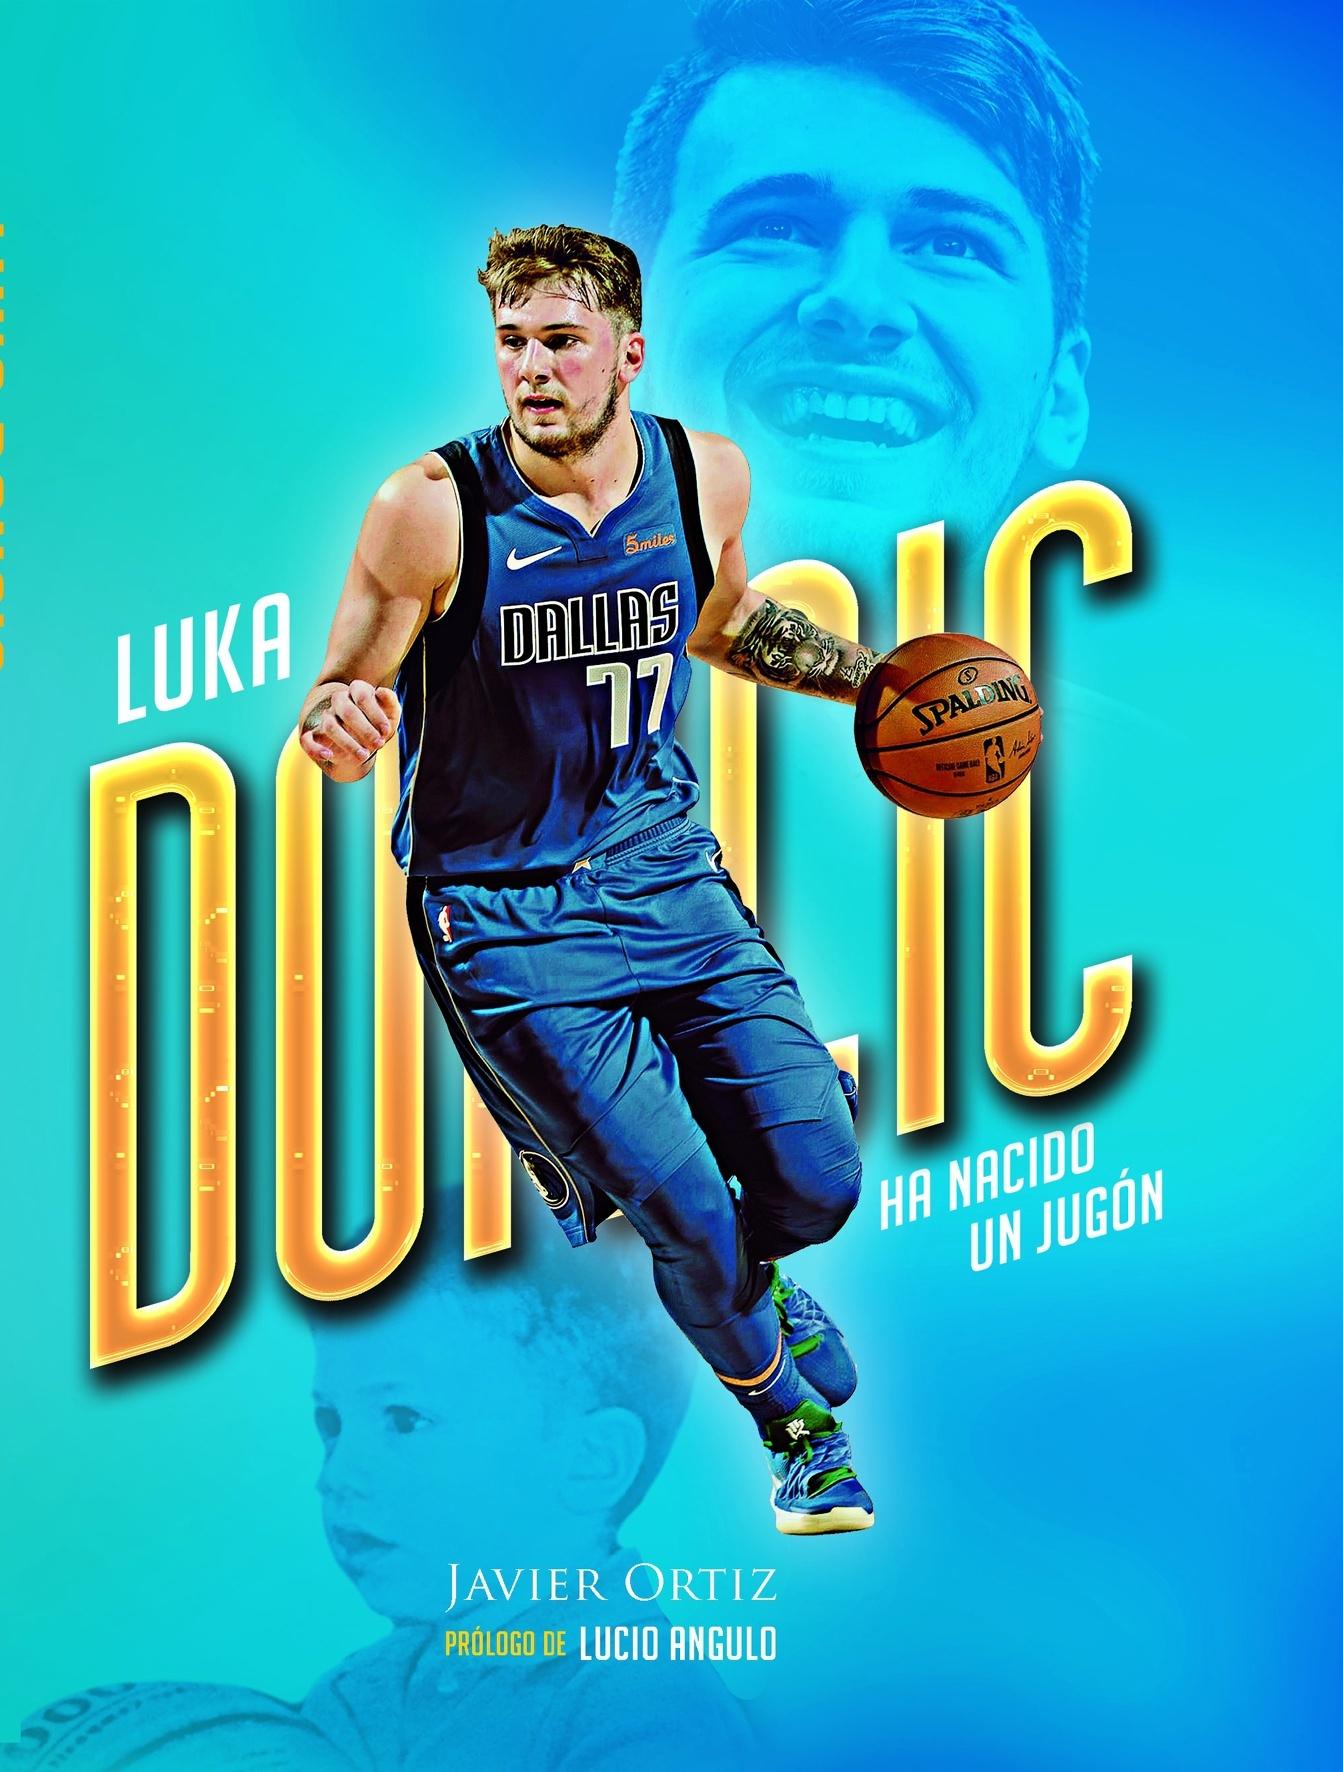 Luka Doncic. Ha nacido un jugón